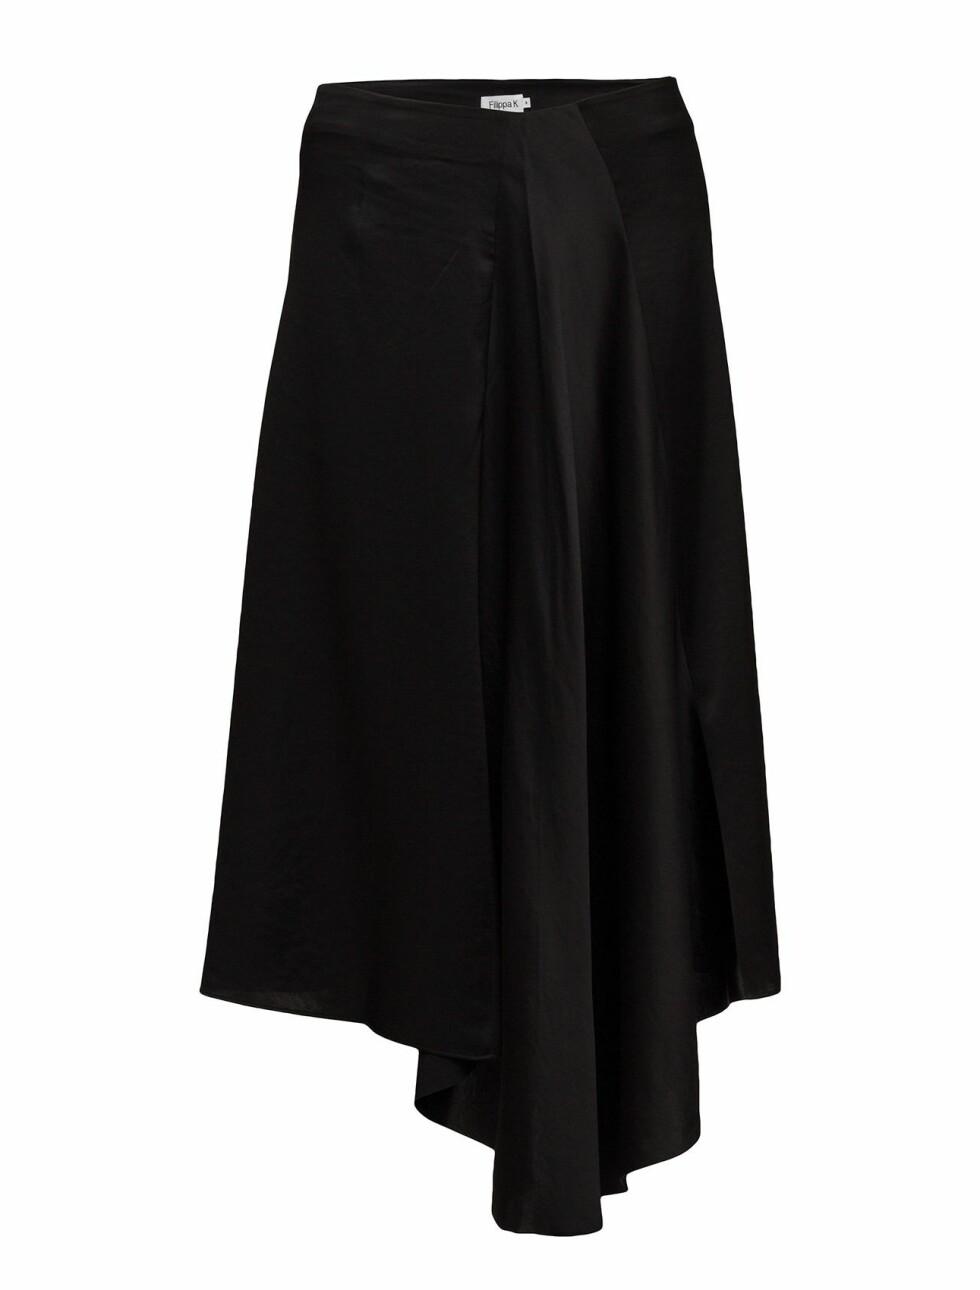 <strong>Skjørt fra Filippa K  2300,-  https:</strong>//www.boozt.com/no/no/filippa-k/drapey-satin-skirt_18680662/18680666?navId=67461&group=listing&position=1000000